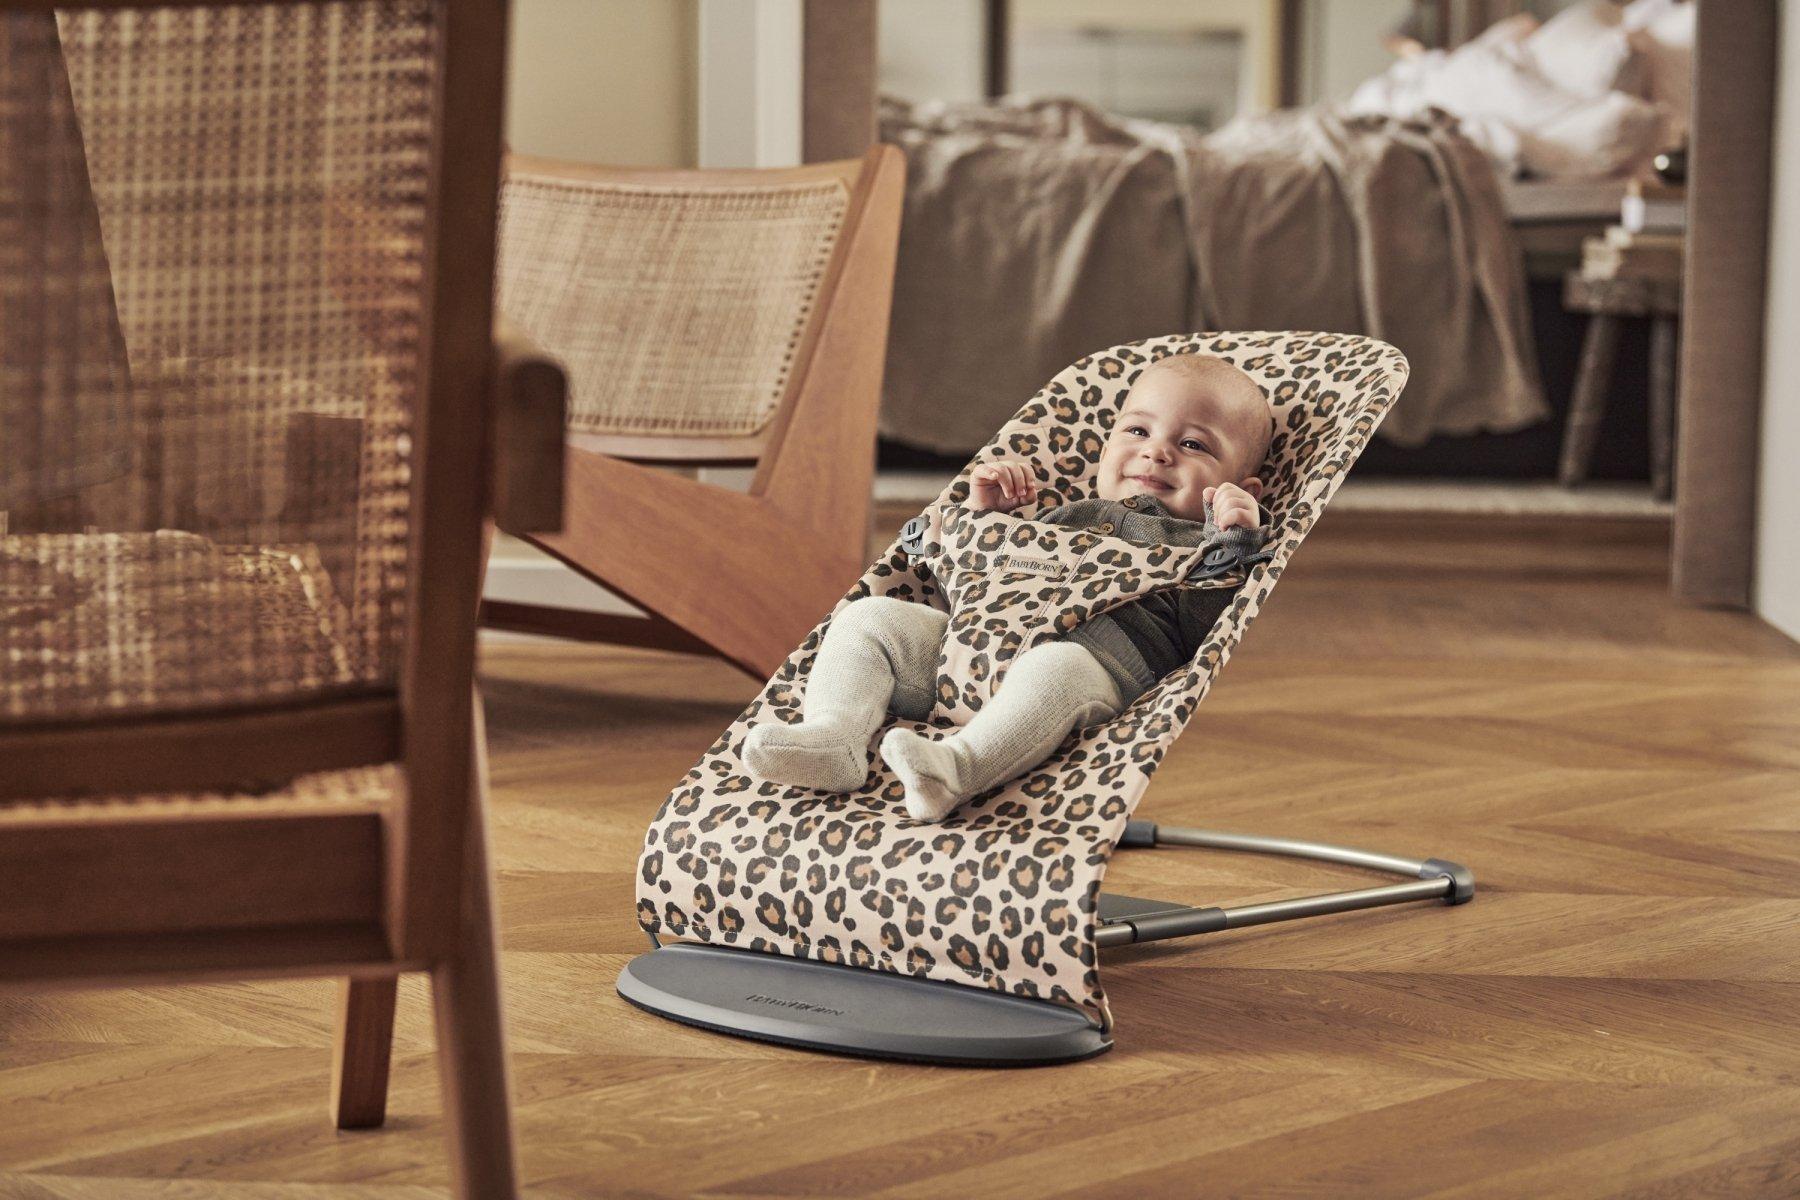 Šūpuļkrēsliņš BabyBjorn Bouncer Bliss Beige leopard Cotton 6075